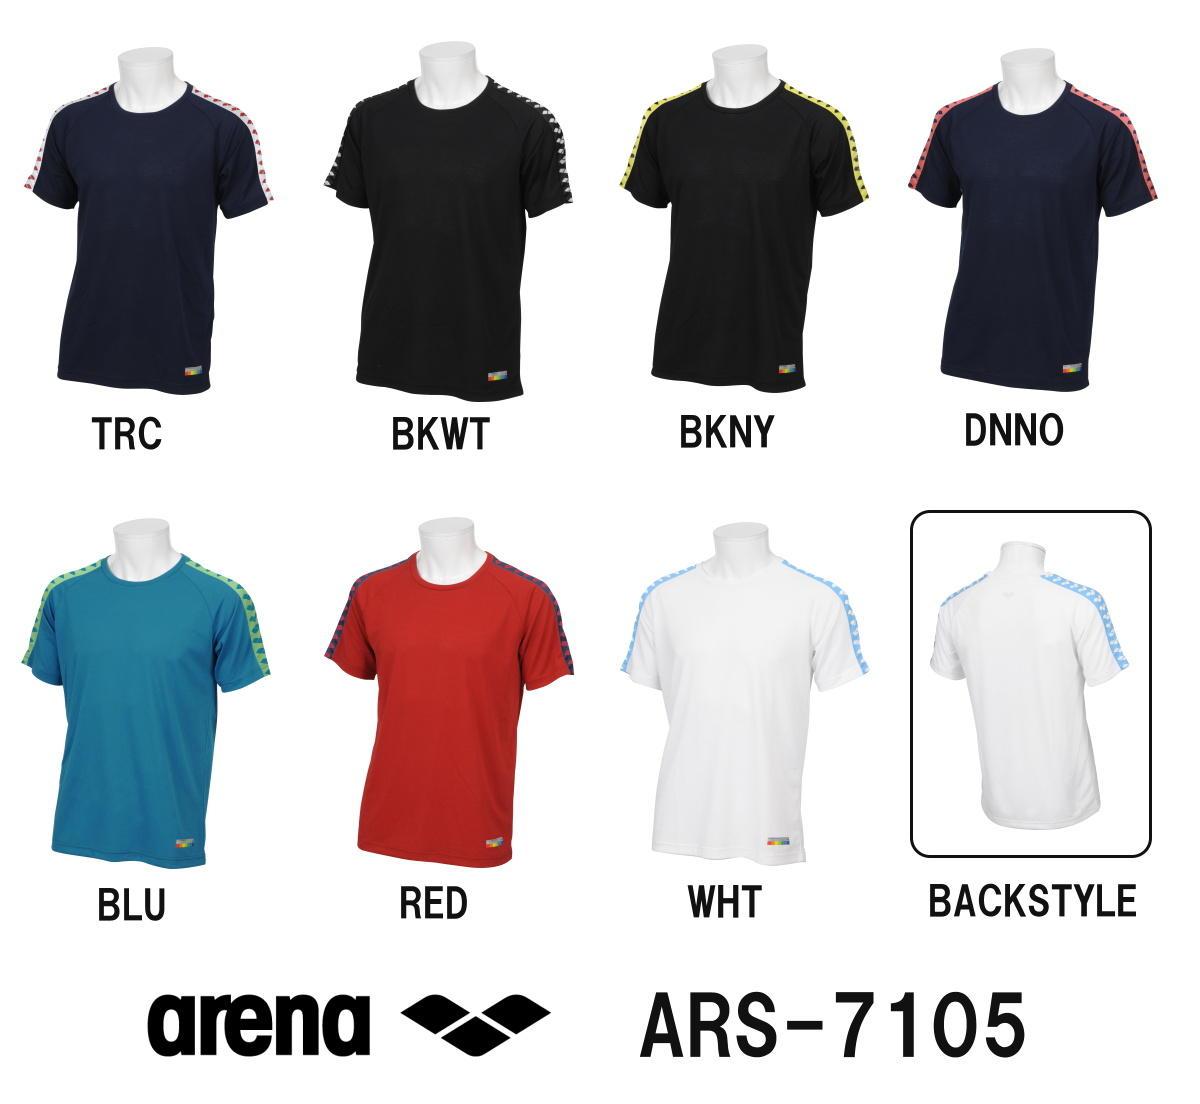 ●●【ARS-7105】ARENA(アリーナ) ポイントメッシュ Tシャツ[スイミング/水泳/アパレル/トレーニングウェア]